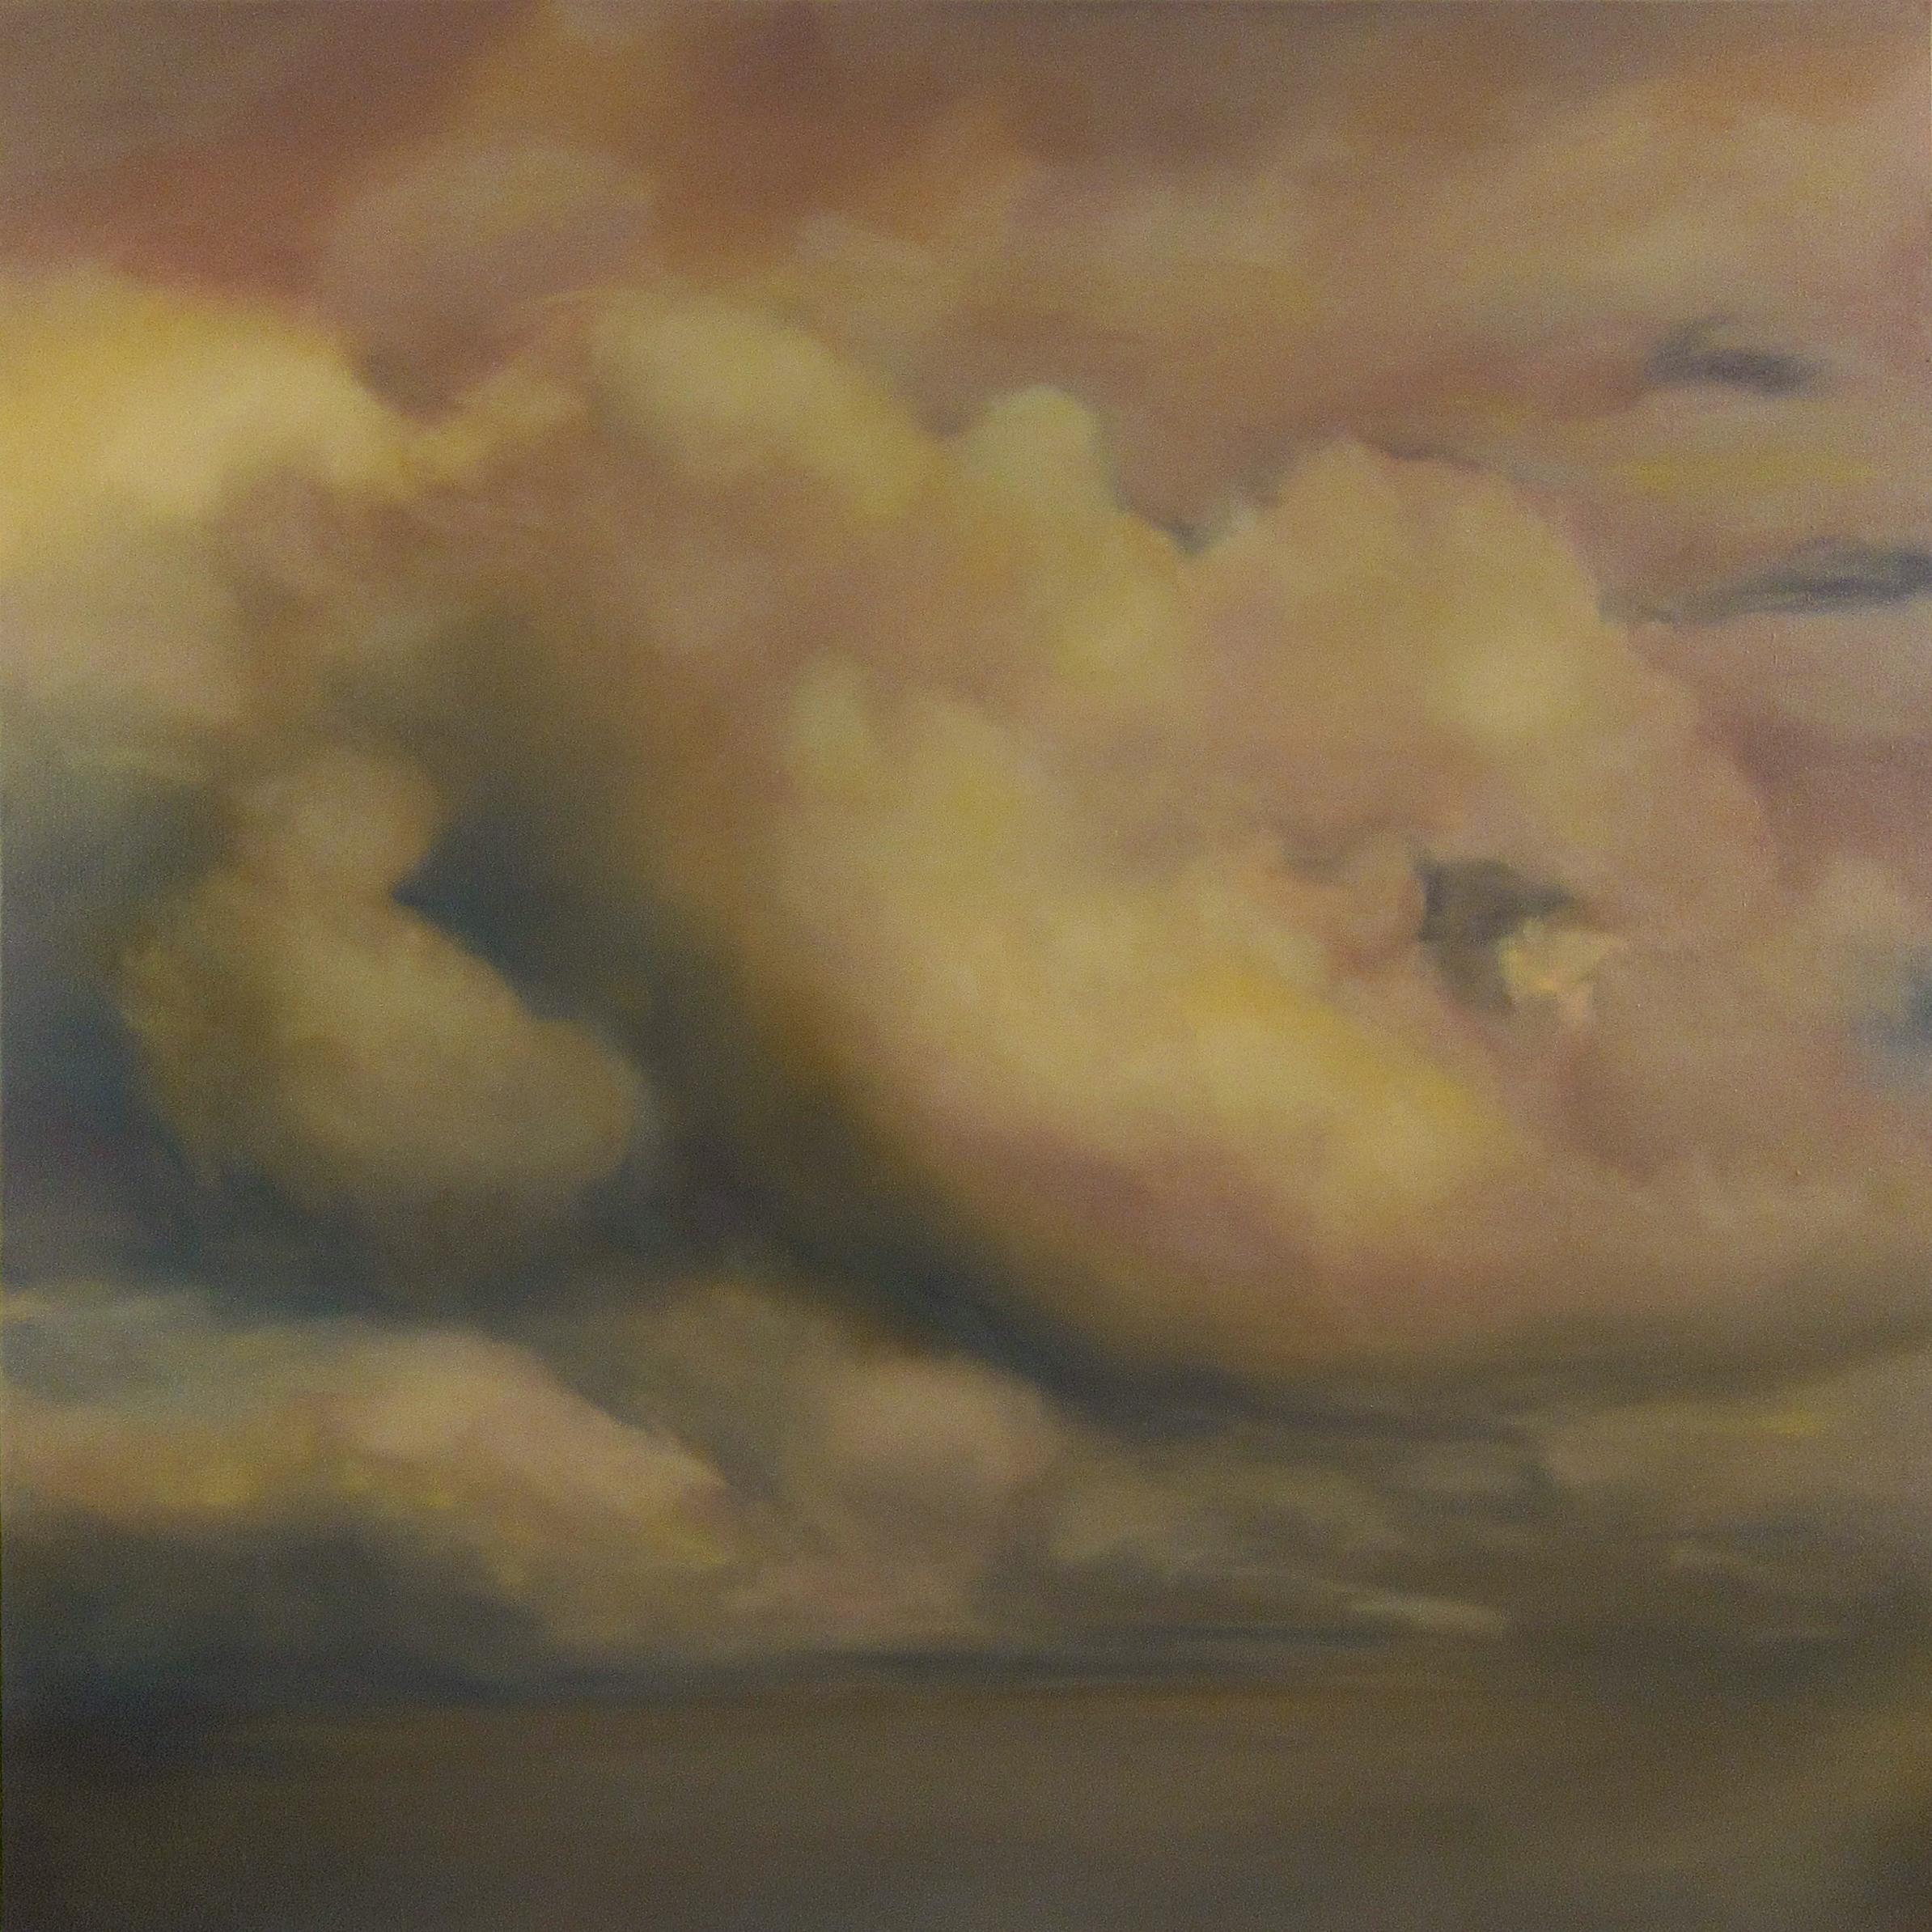 Cieux de Braises,  2018  Oil on linen  50x50 inches, 127x127 cm